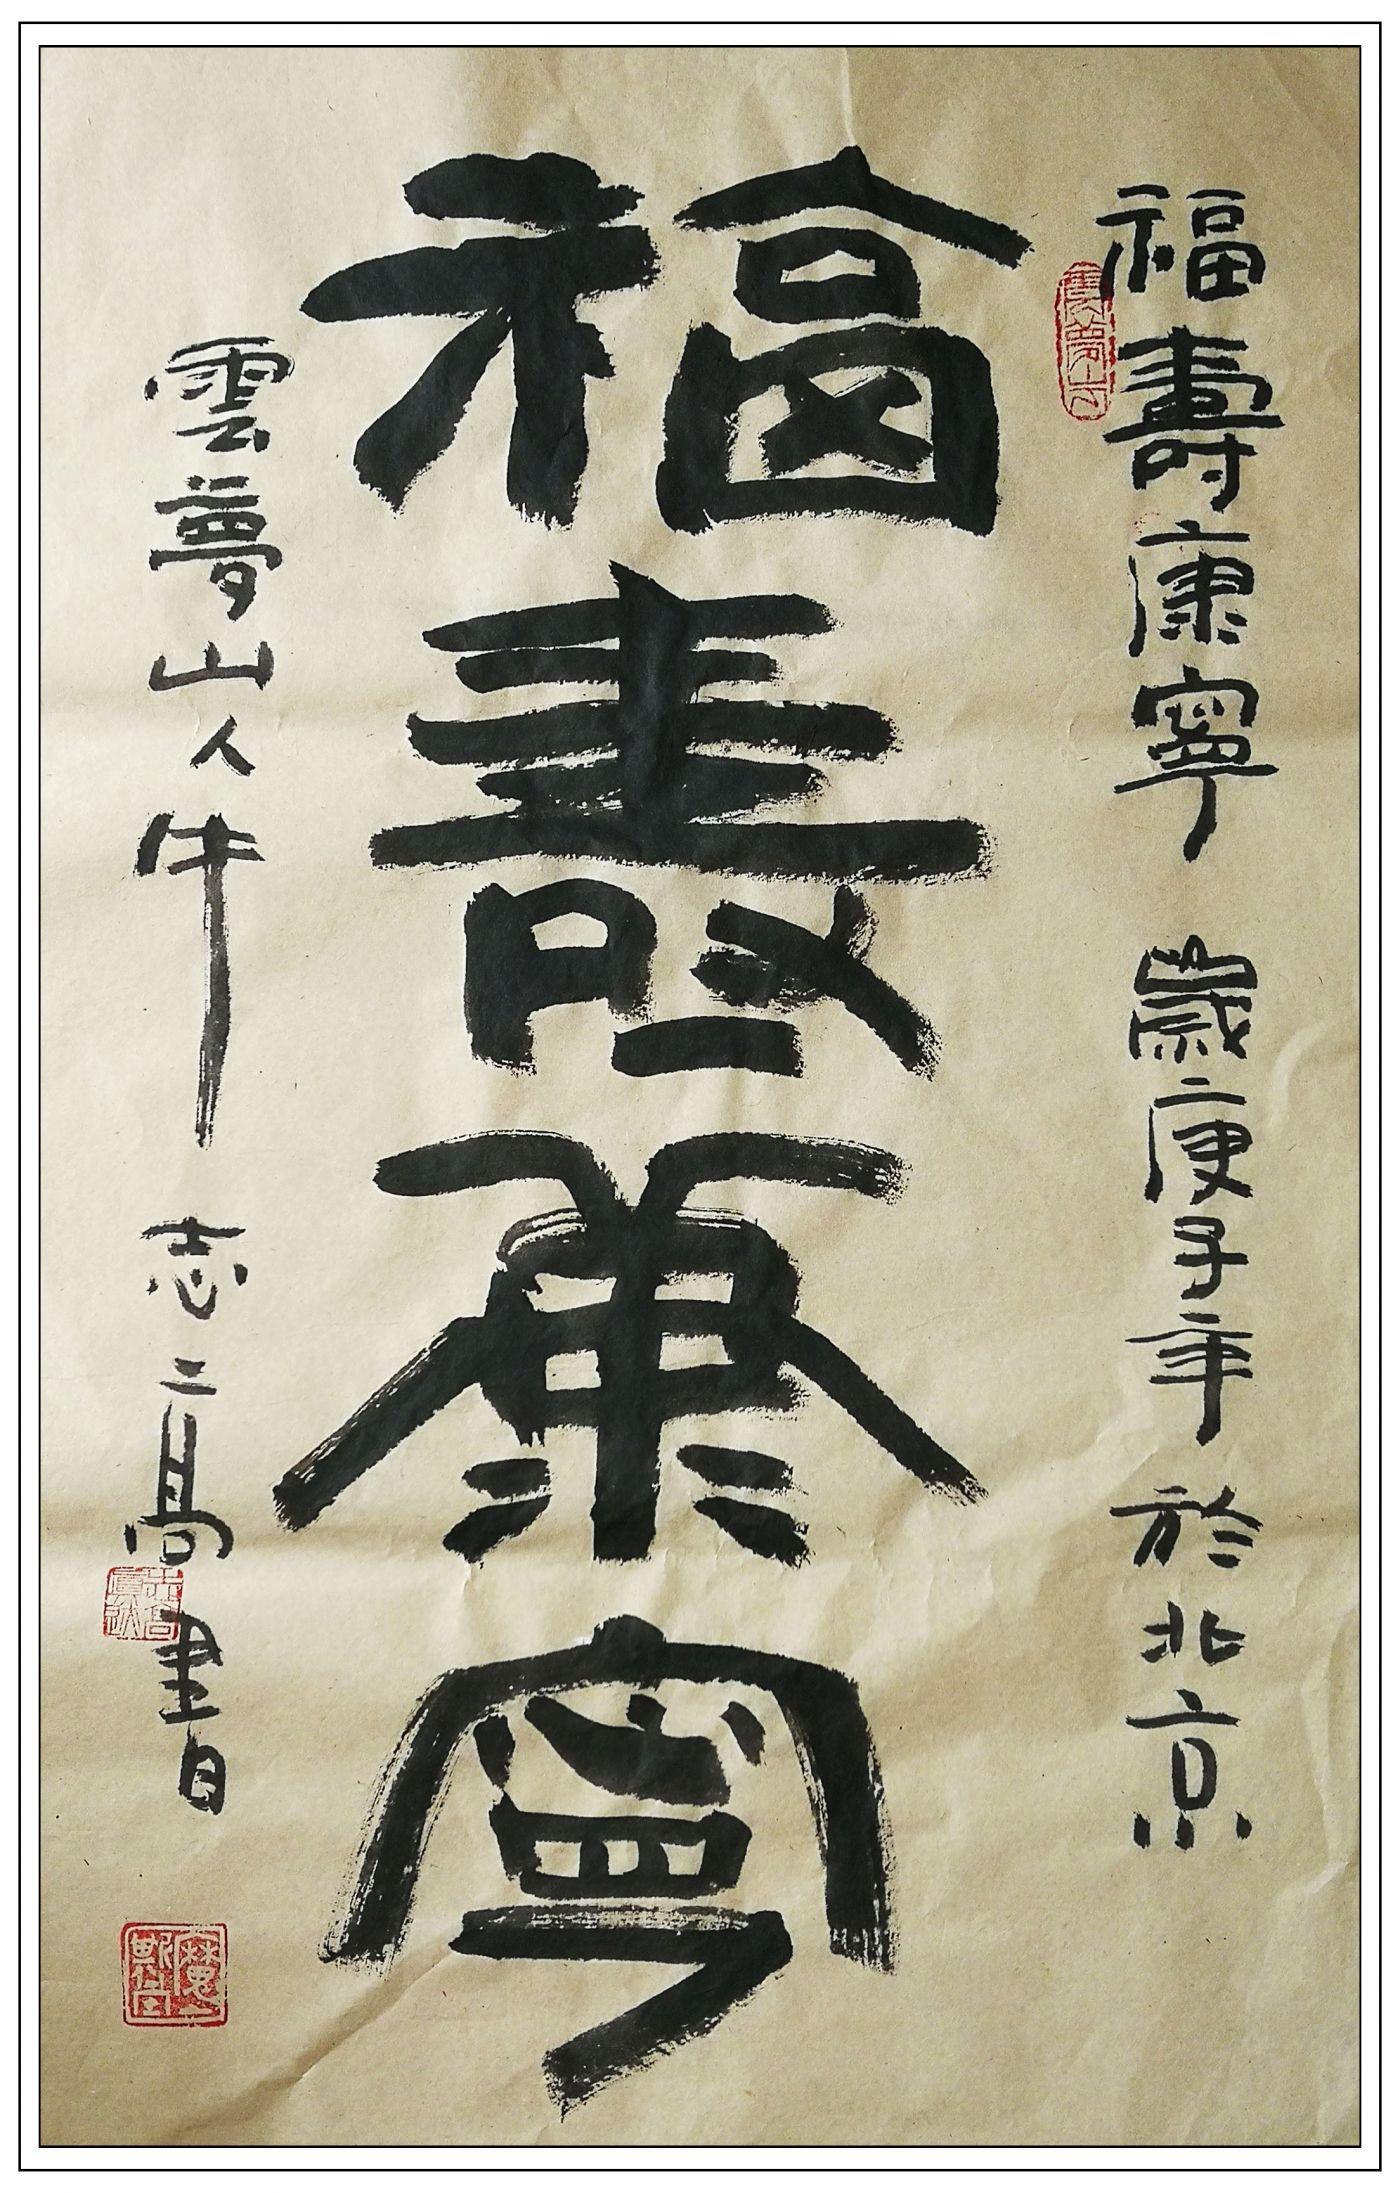 牛志高书法----2020.06.02_图1-1